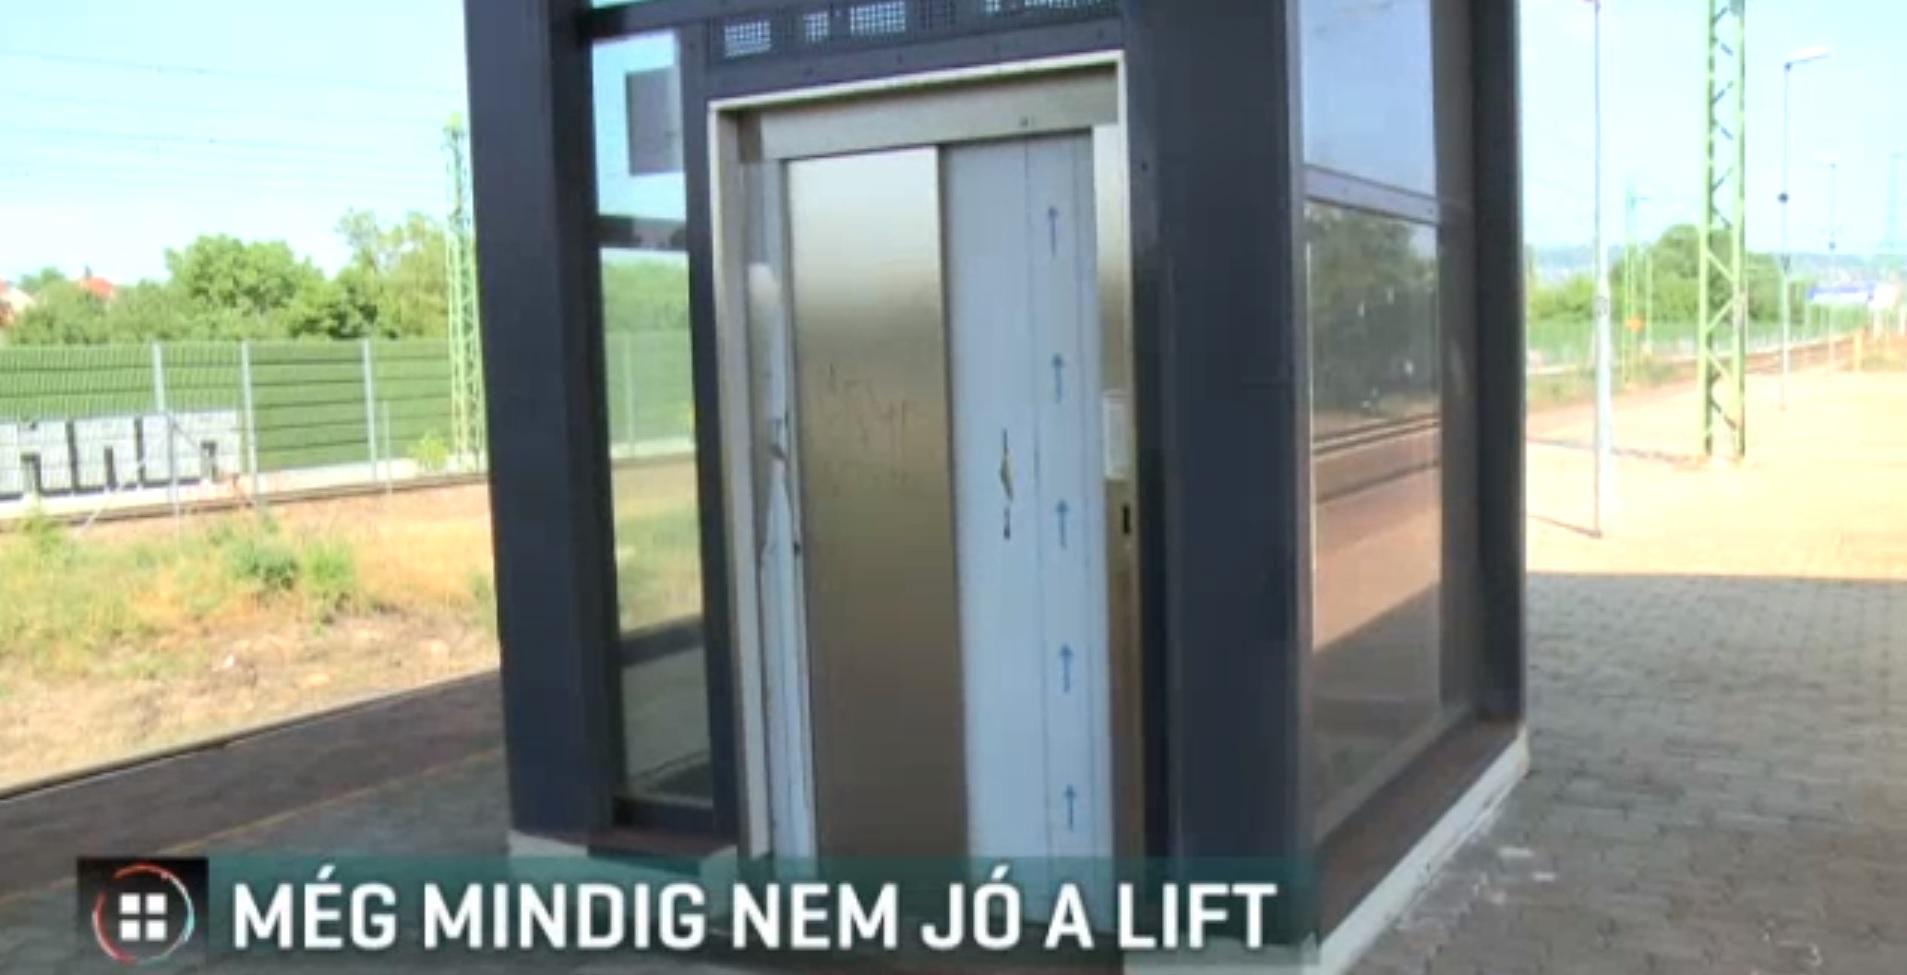 Magyarország 2014-2018: Négy éve építettek egy liftet az albertfalvai vasútállomáson, azóta nem működik